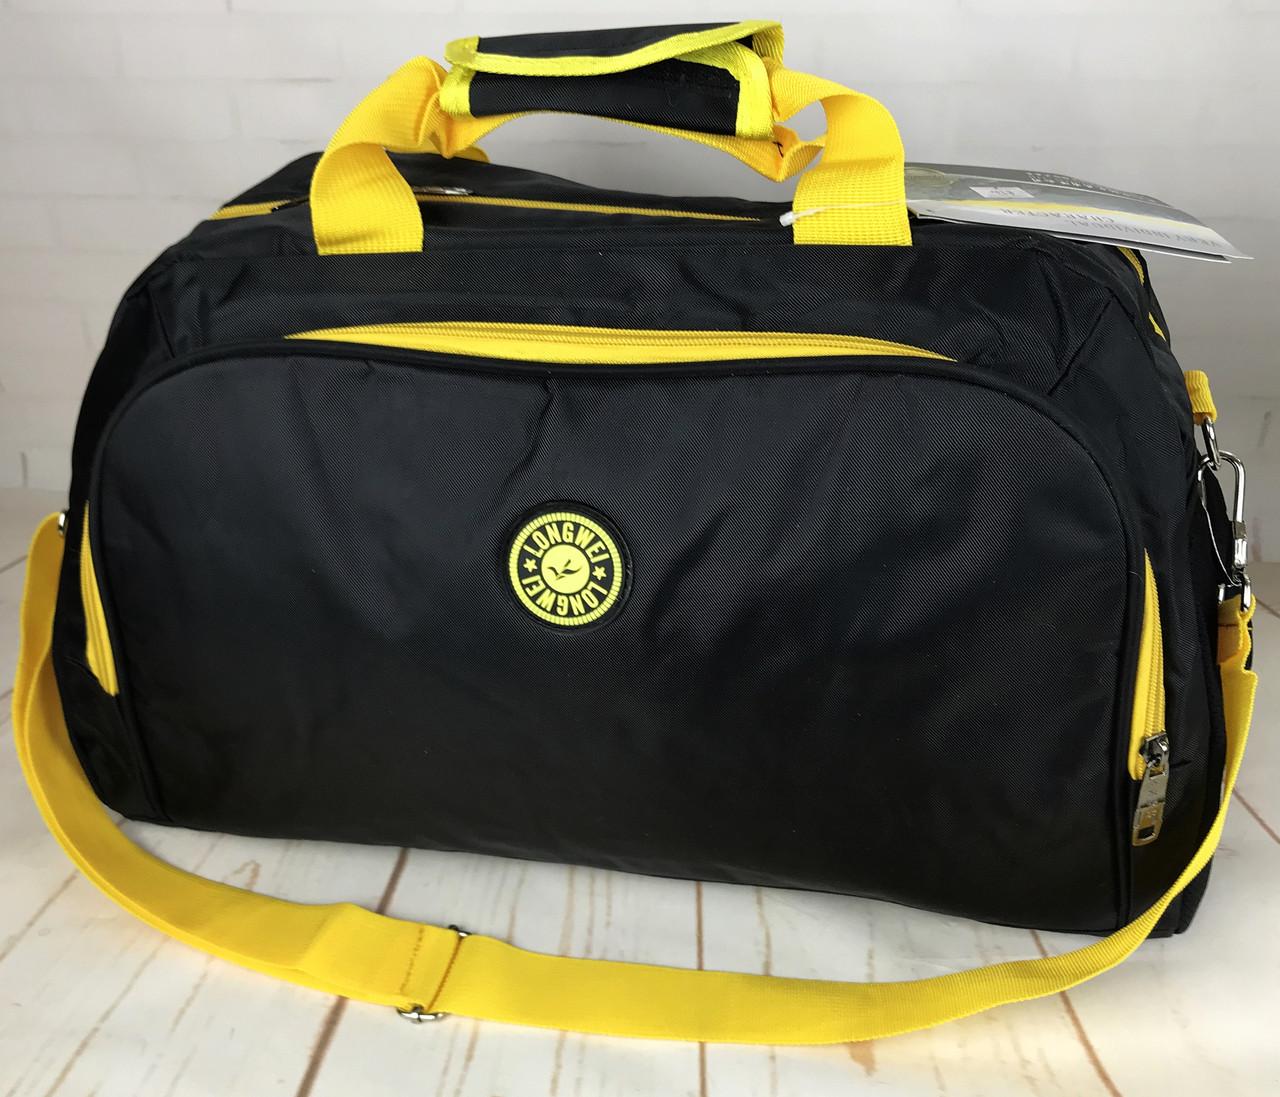 d37beca4fcfb Небольшая спортивная, дорожная сумка. Унисекс. КСС39: продажа, цена ...